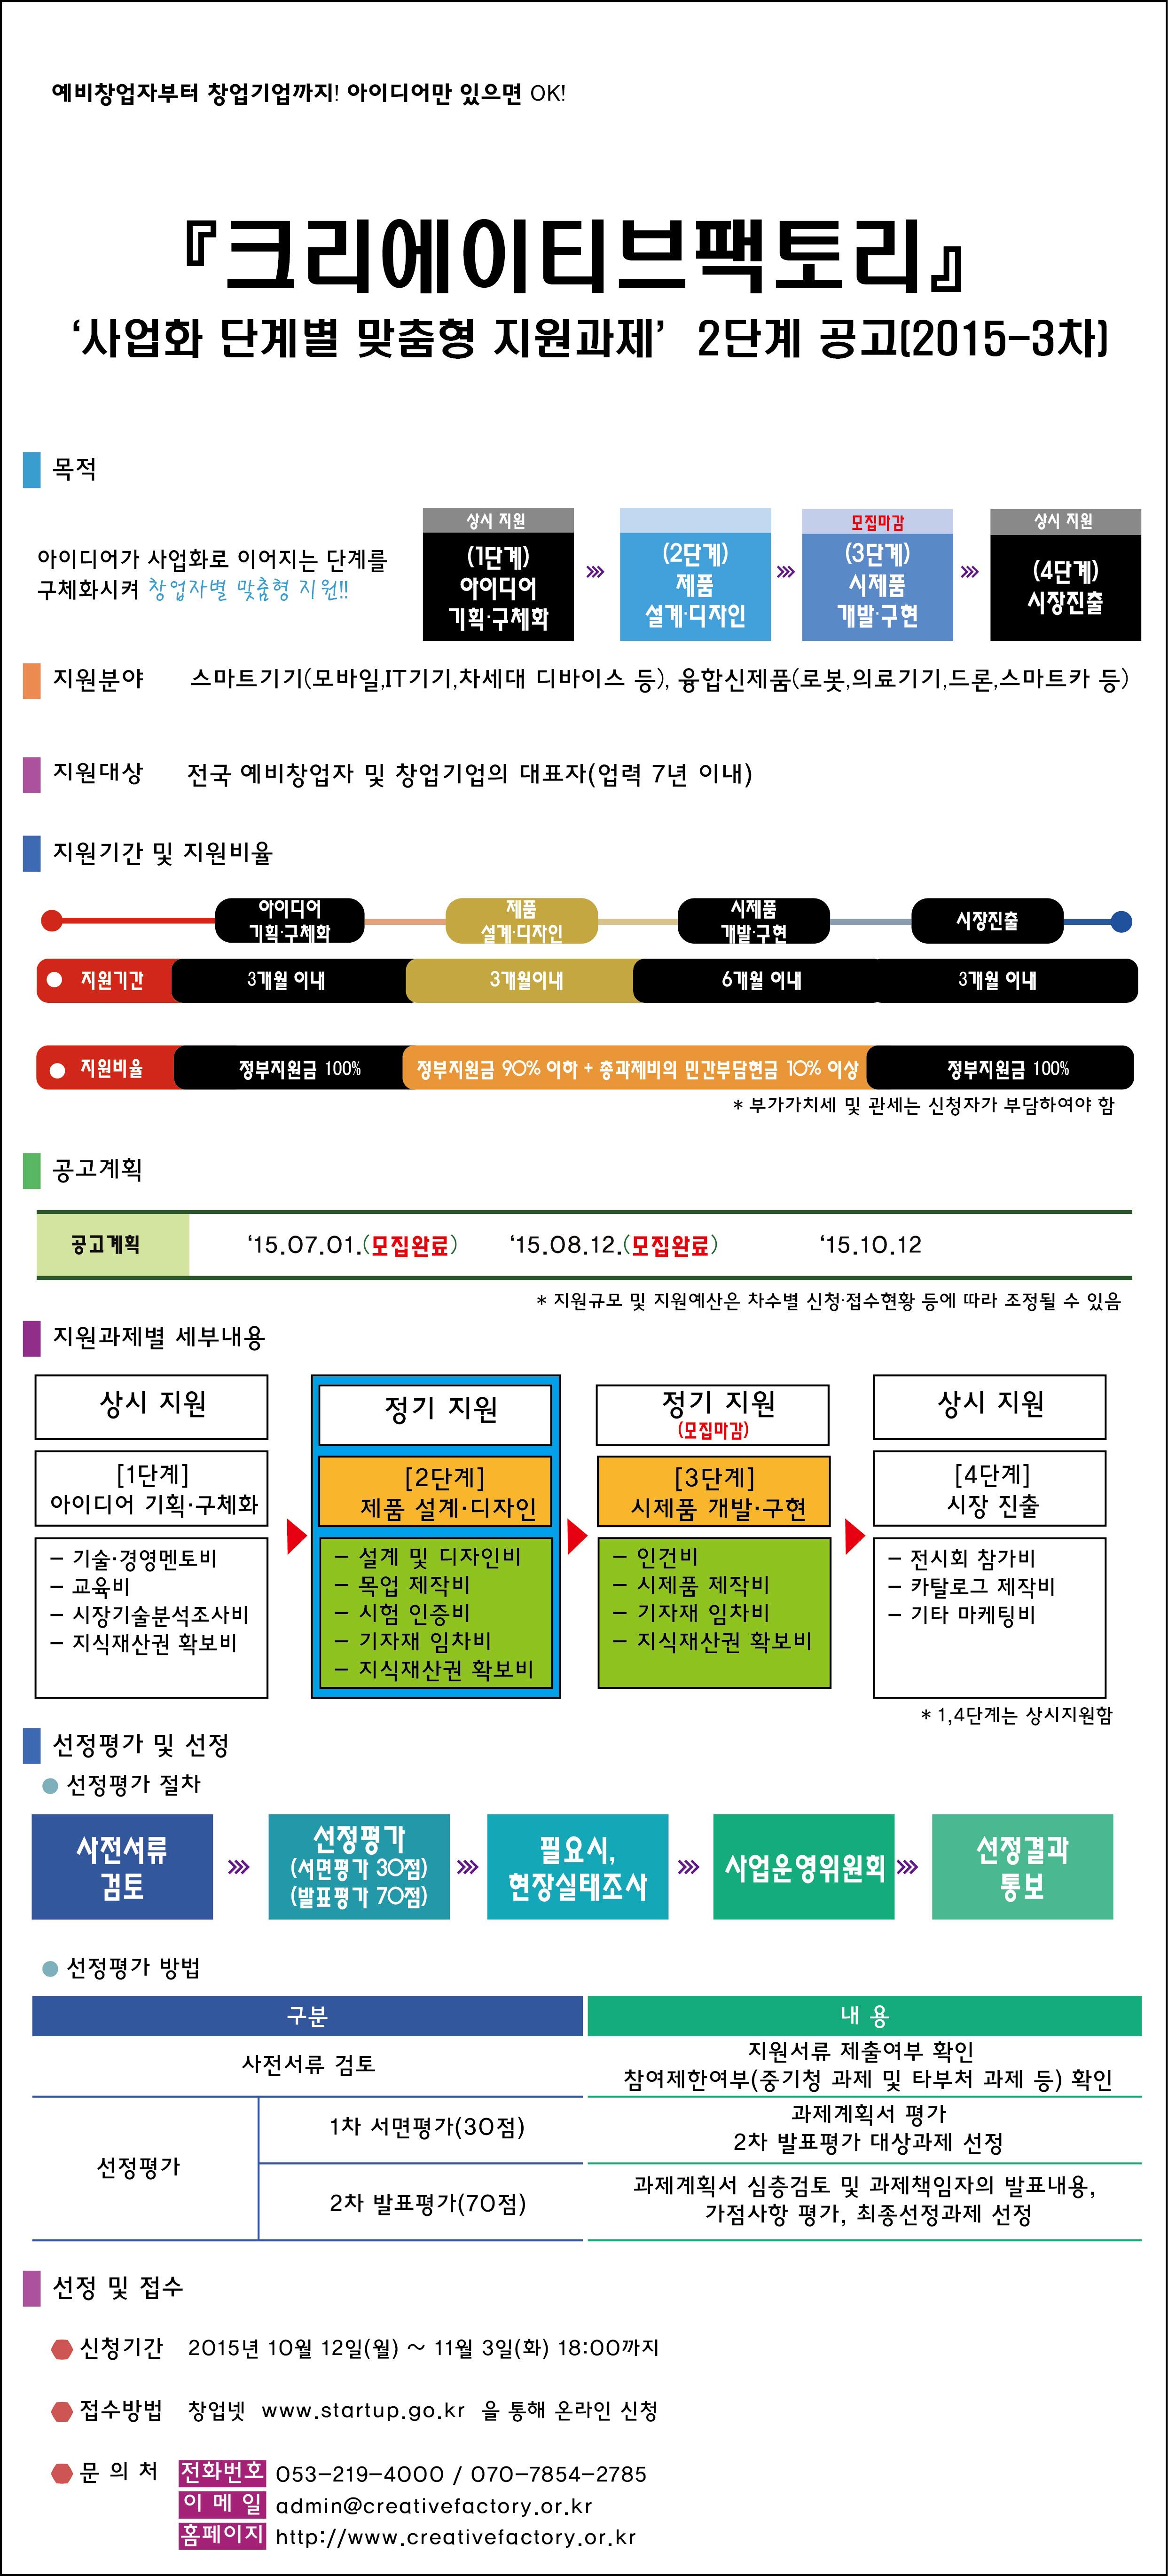 2단계(3차)_수정.jpg